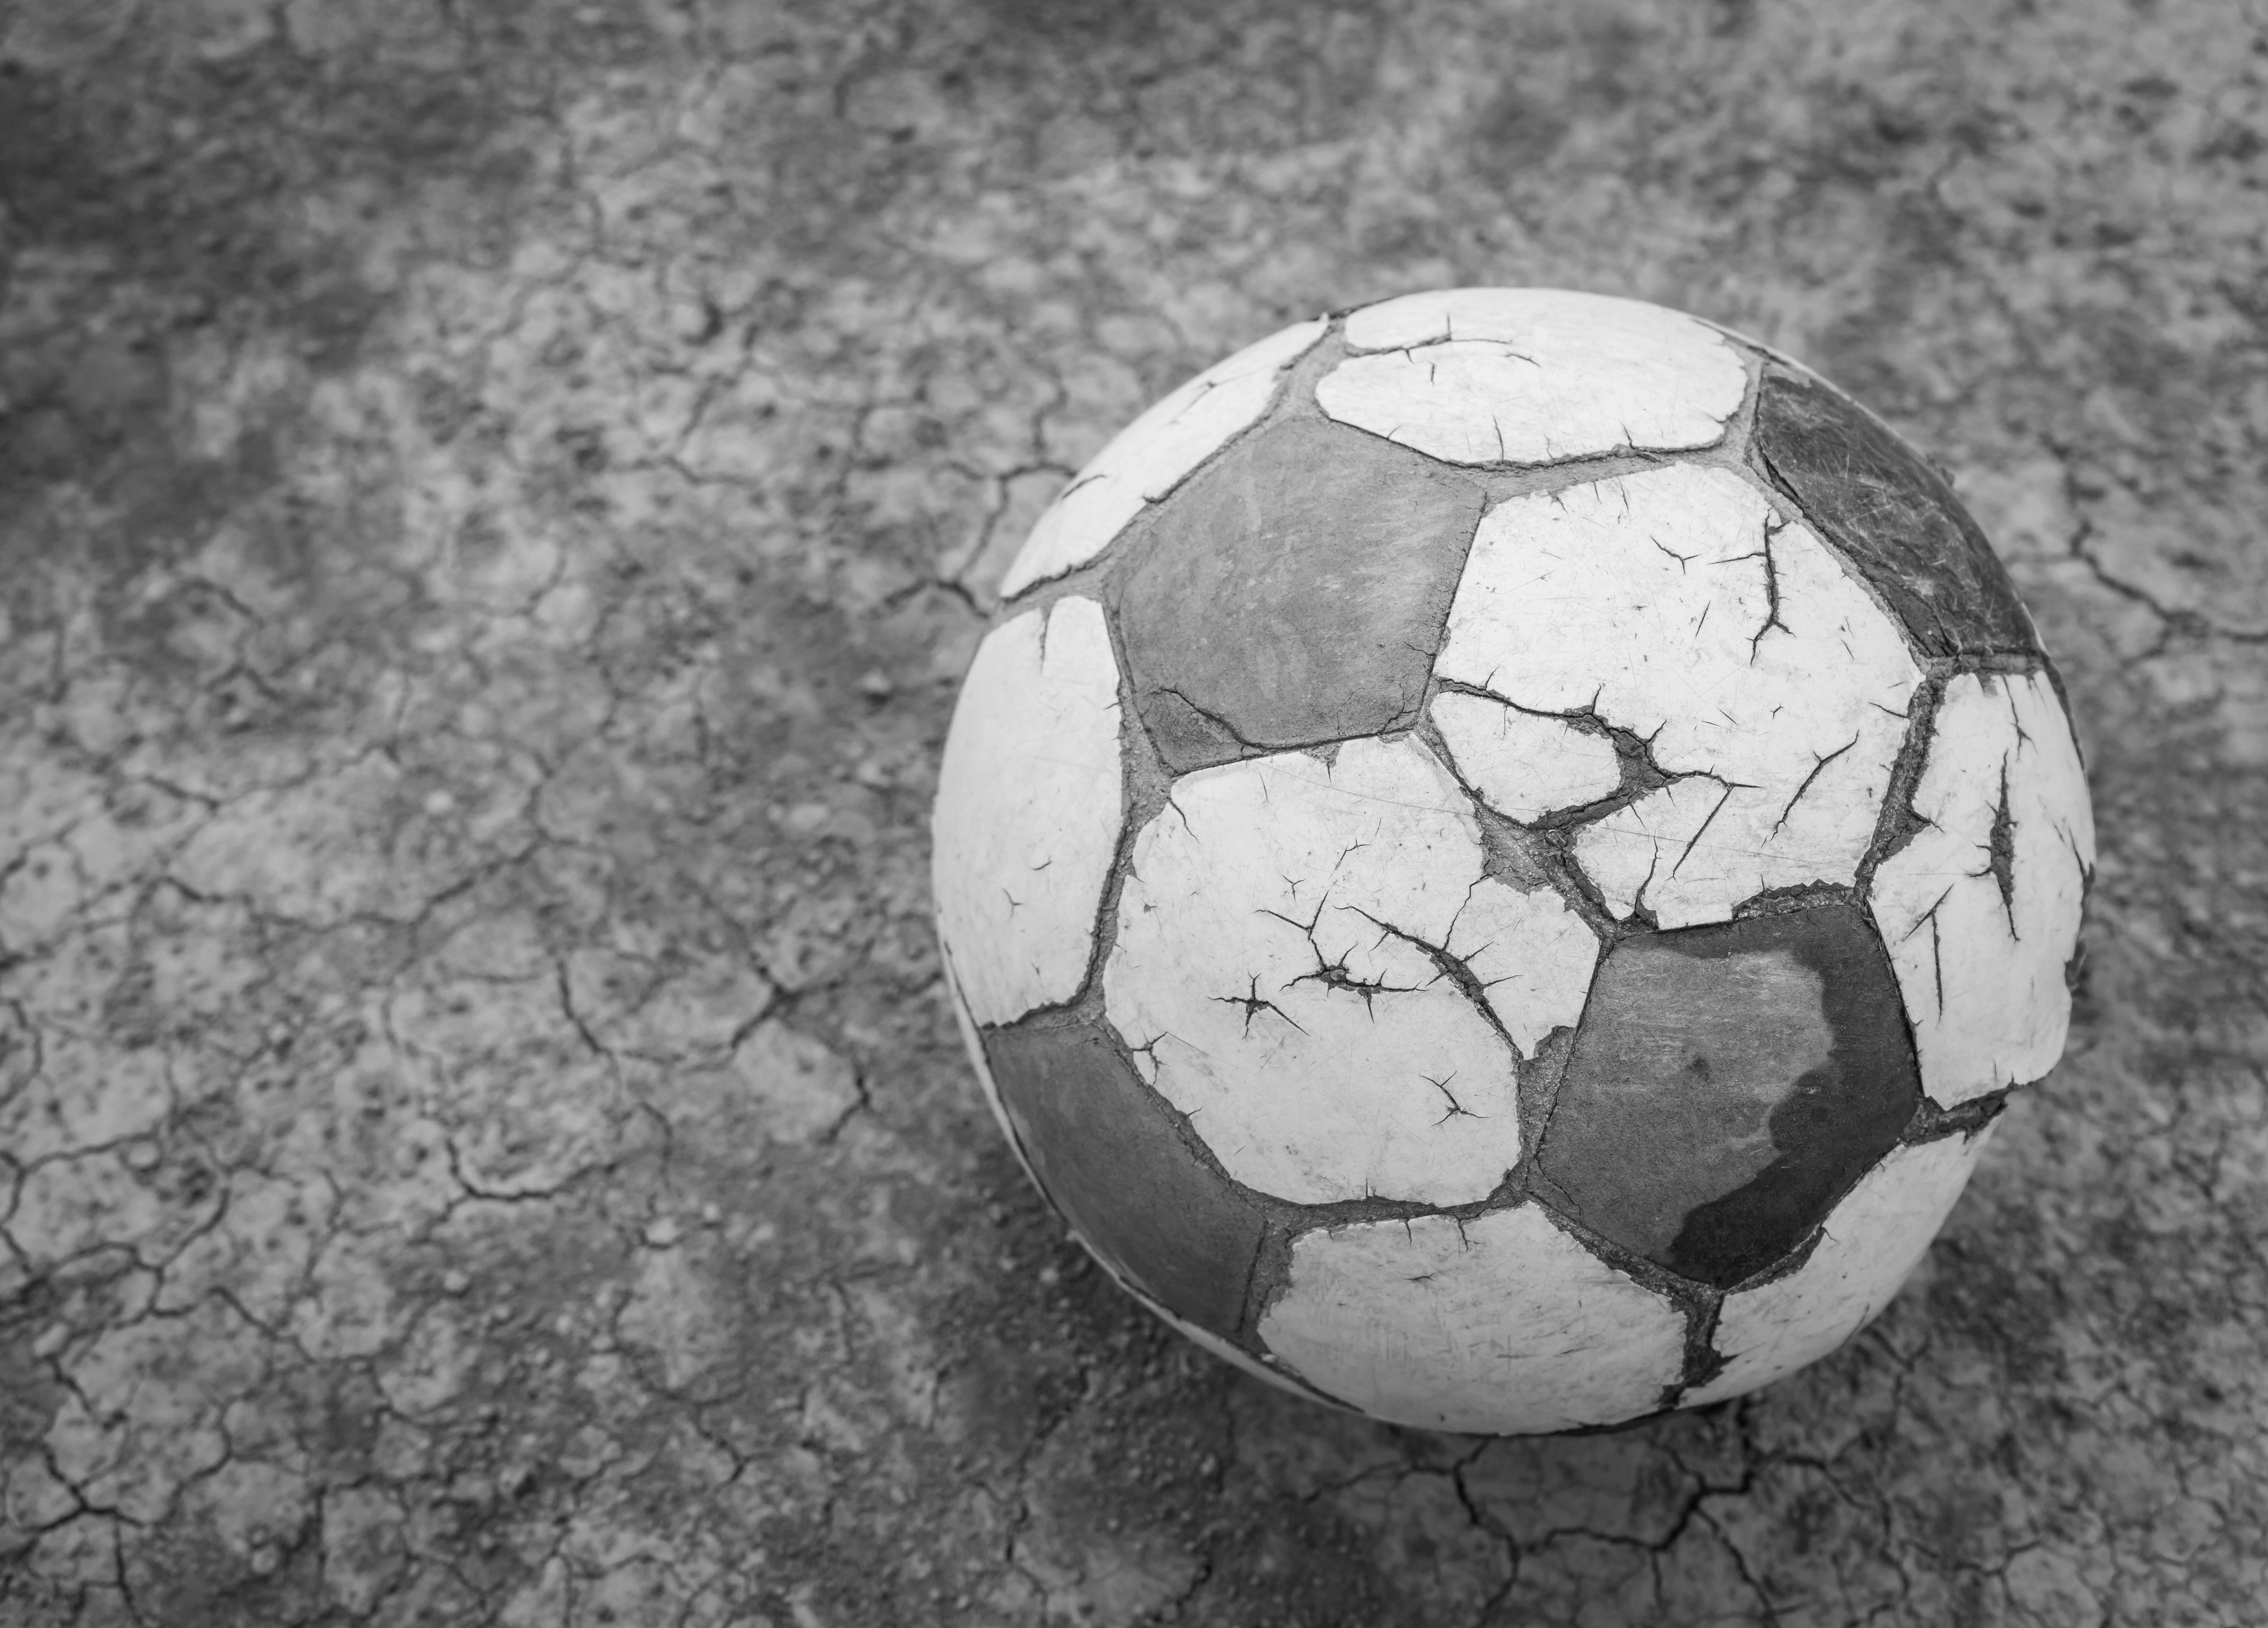 soccerballbw